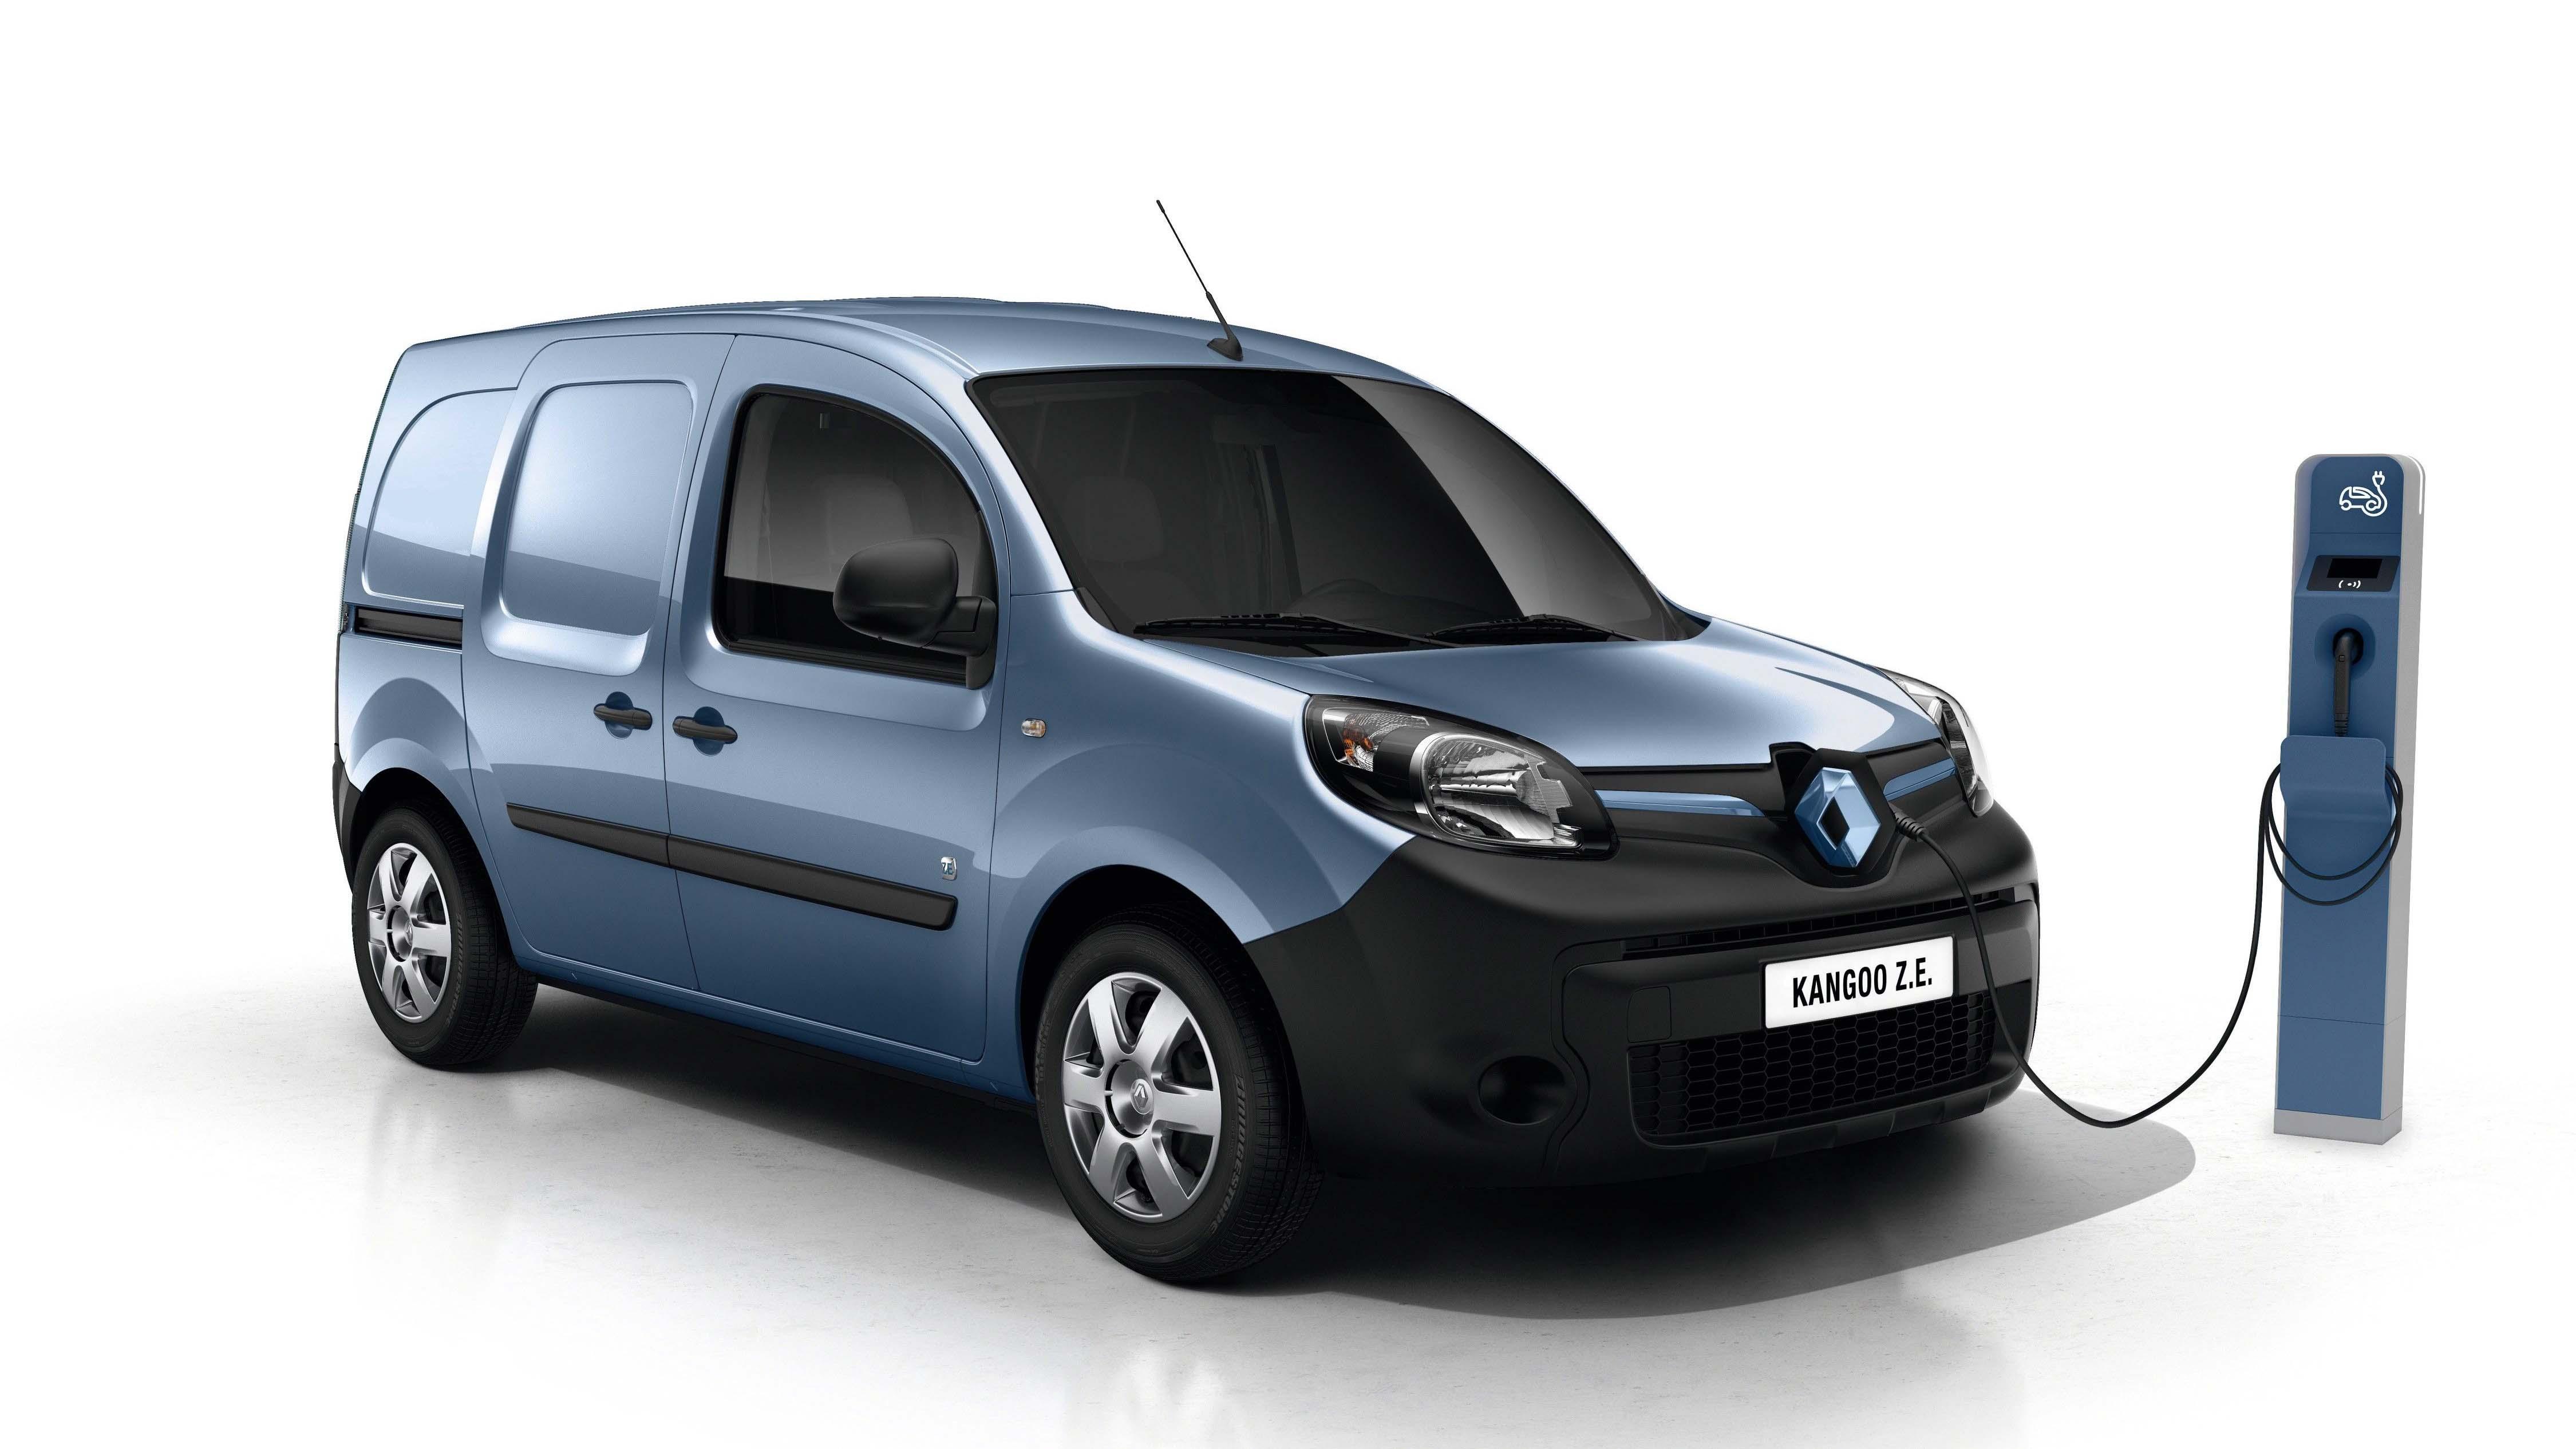 r130641h - Elektroautos von Renault: Renault Kangoo Z.E. (2014)